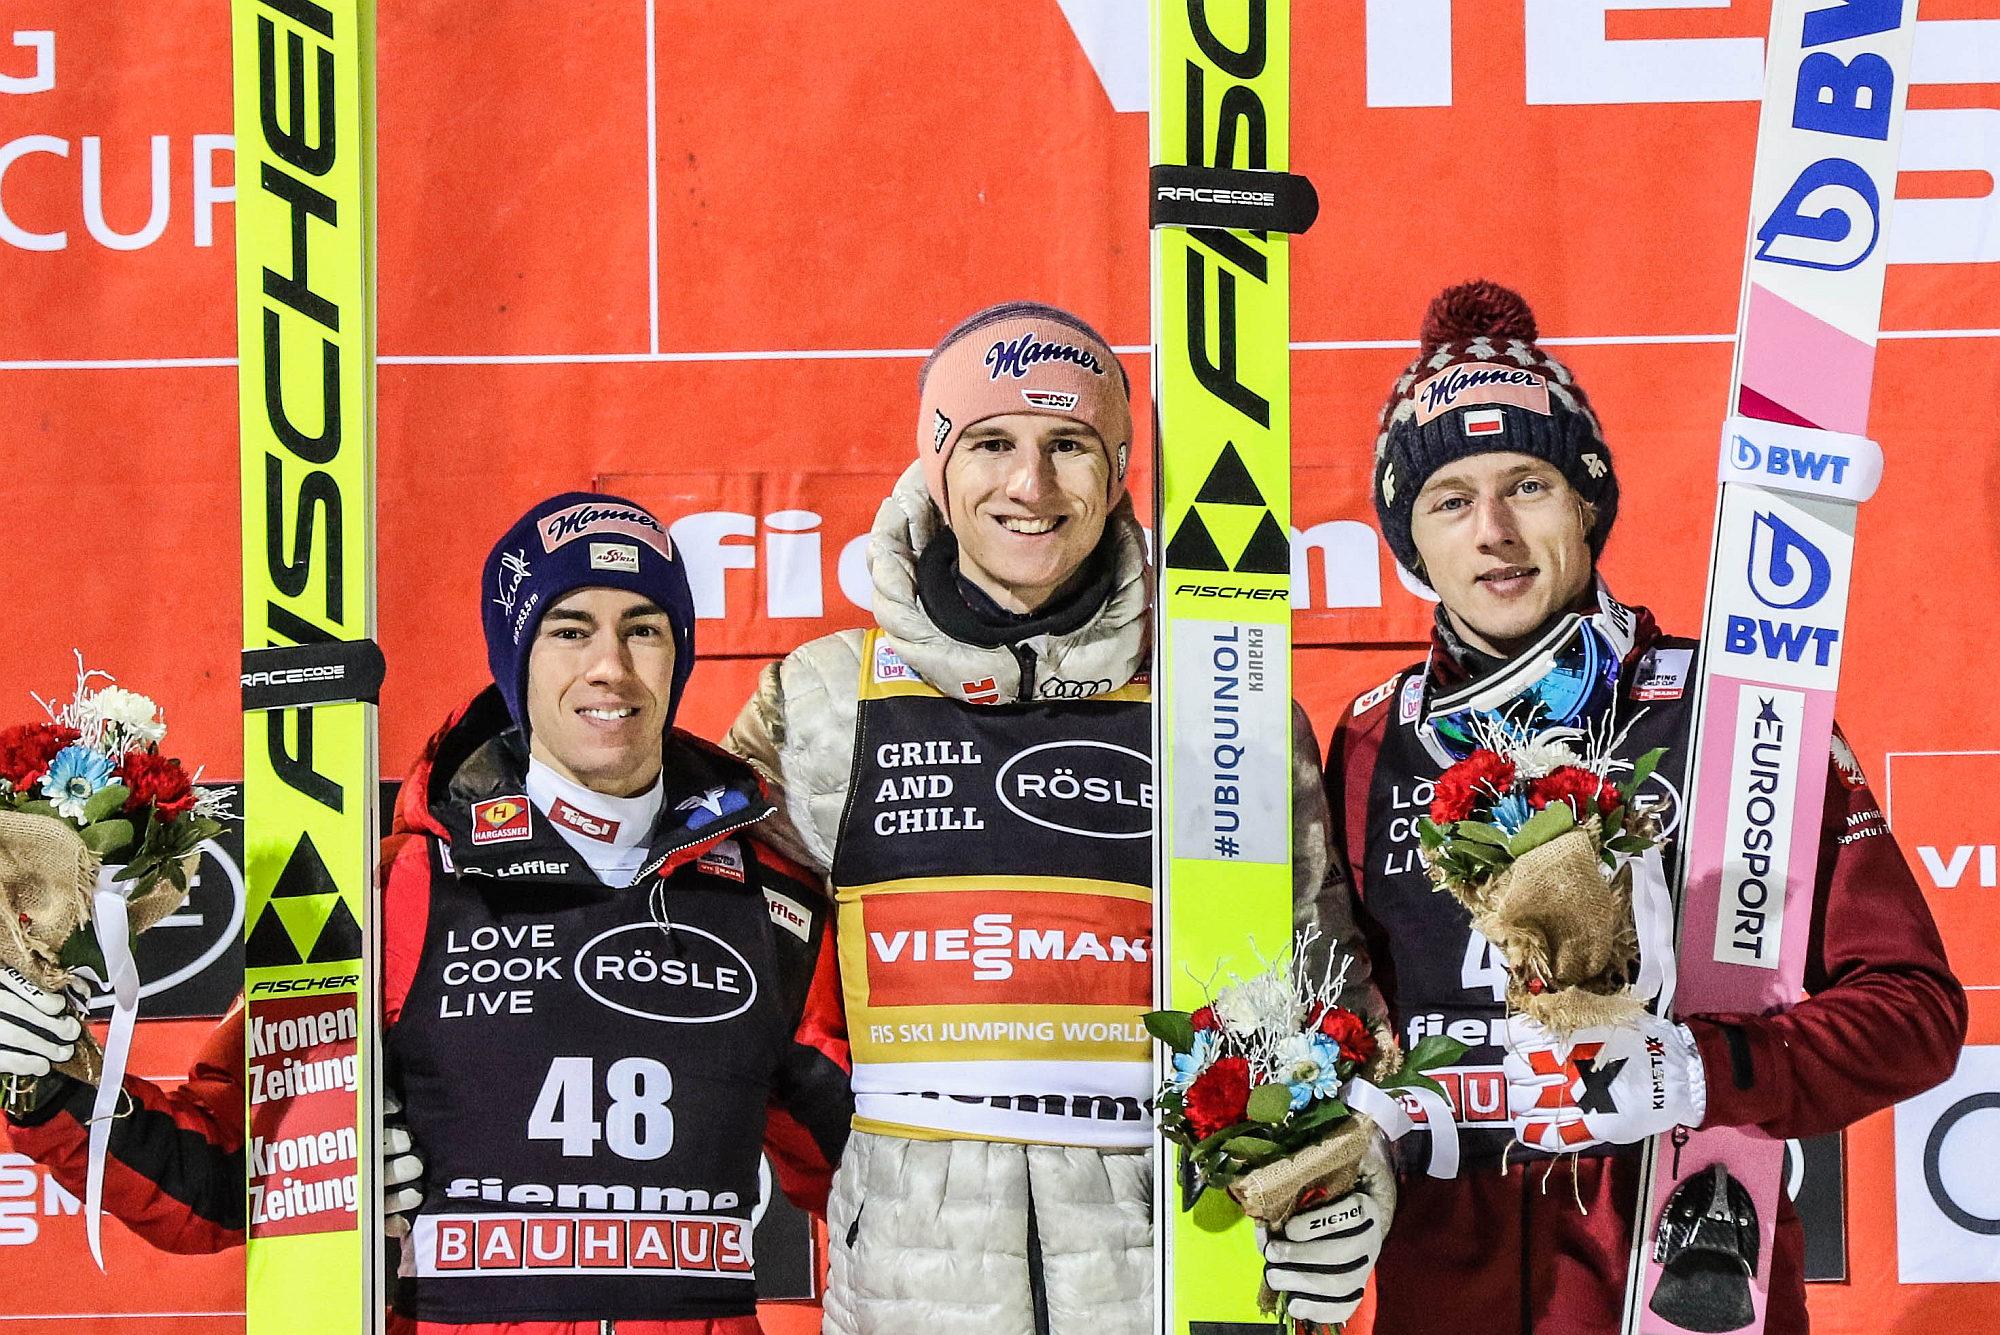 Predazzo: Geiger wygrywa i zostaje liderem PŚ, Kubacki na podium! [WYNIKI]